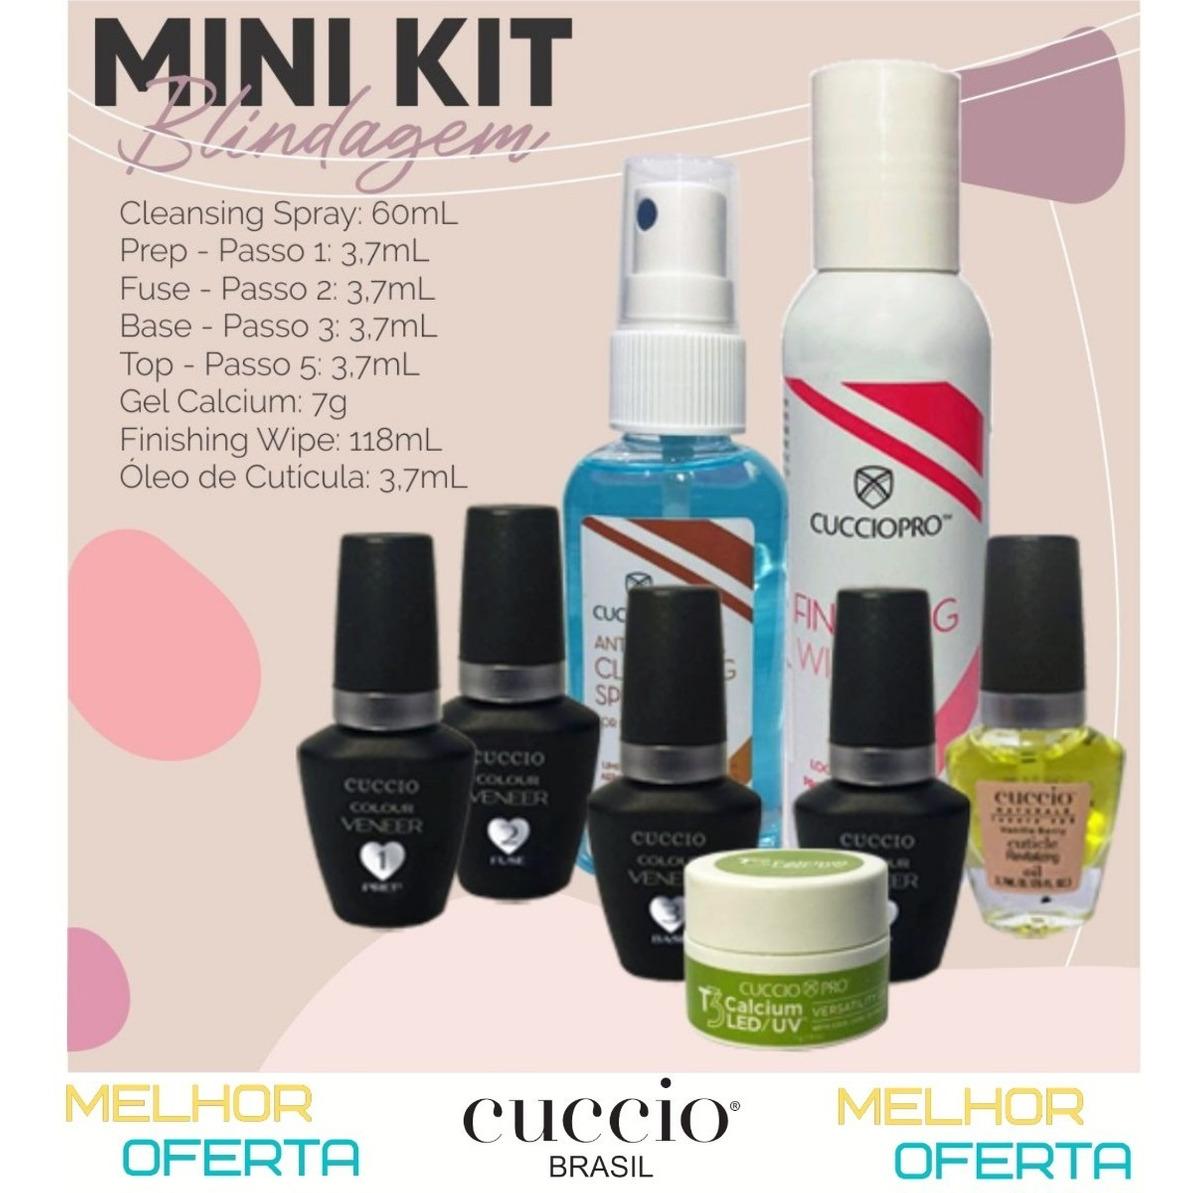 Mini Kit Cuccio Blindagem Diamante + Sany Spray + Calcium + Finishing Wipe